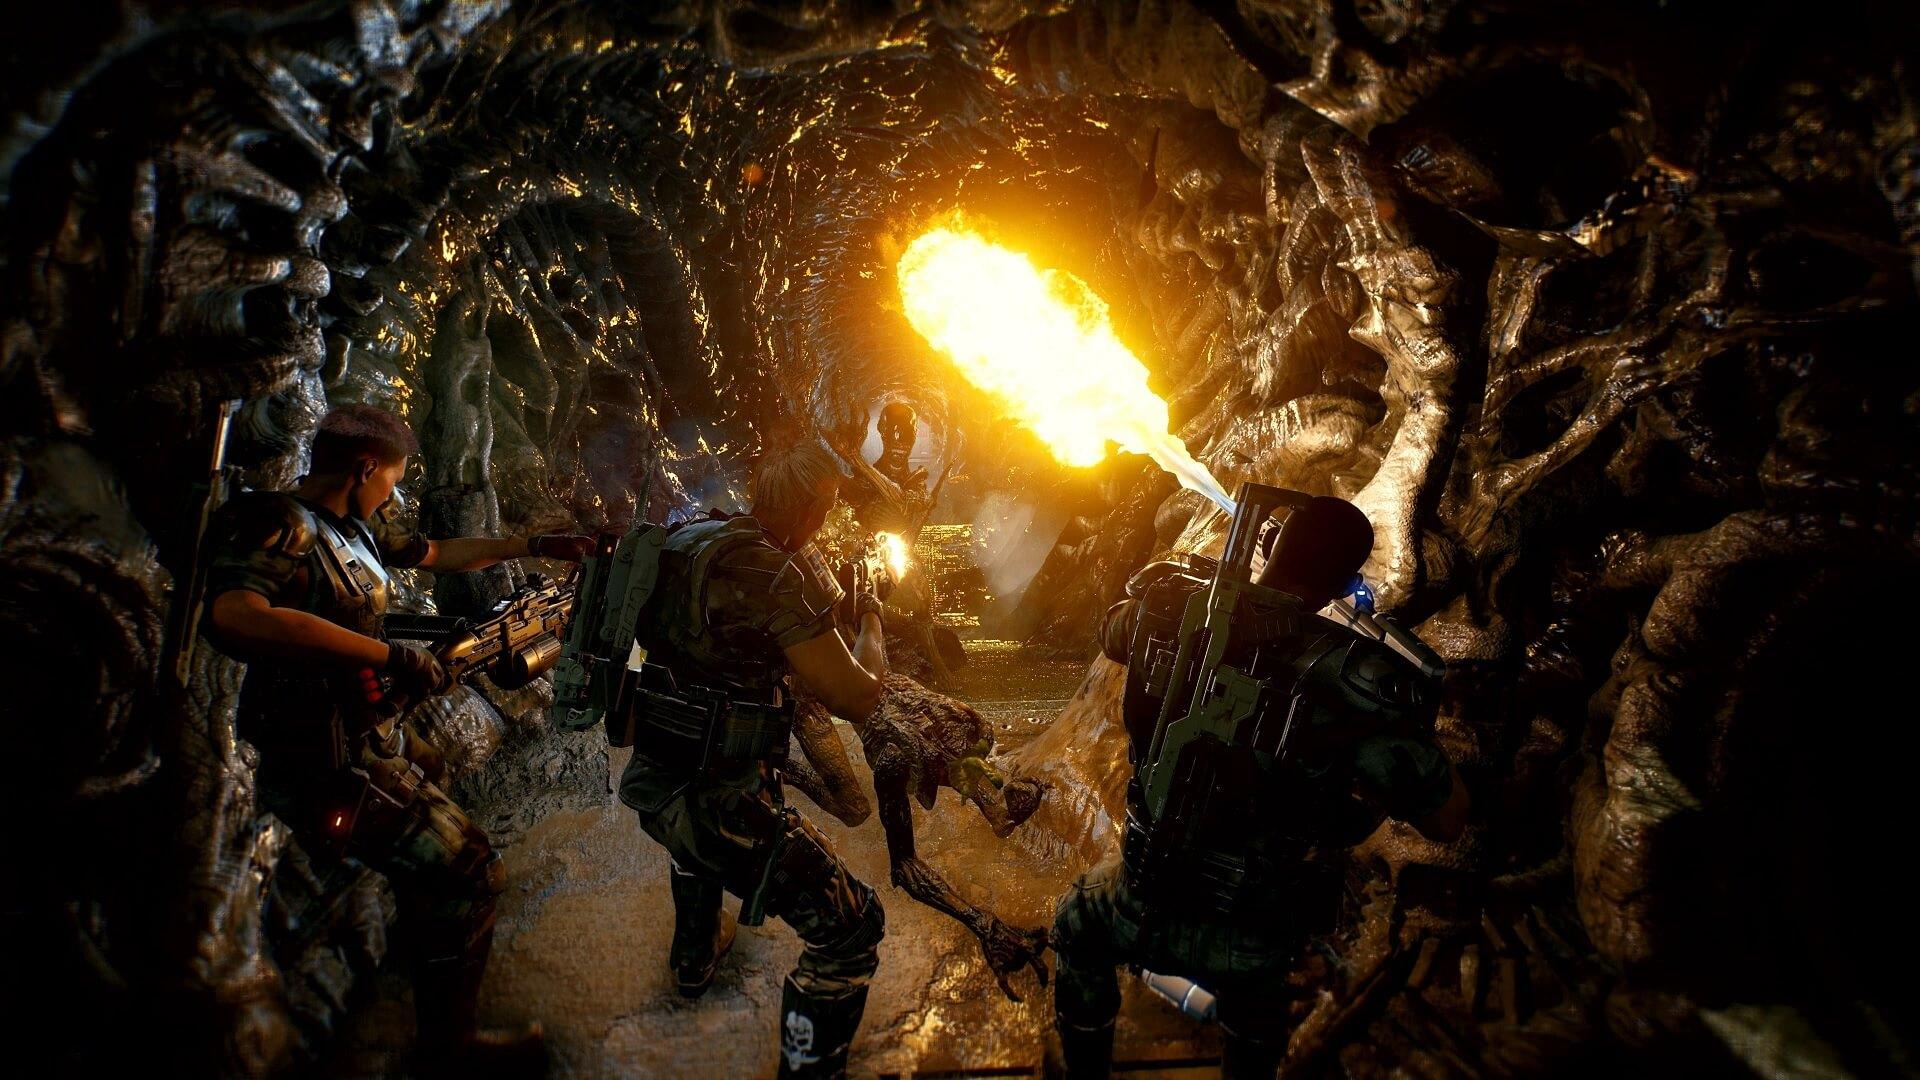 El shooter cooperativo Aliens: Fireteam Elite ya está disponible en PS5 y PS4